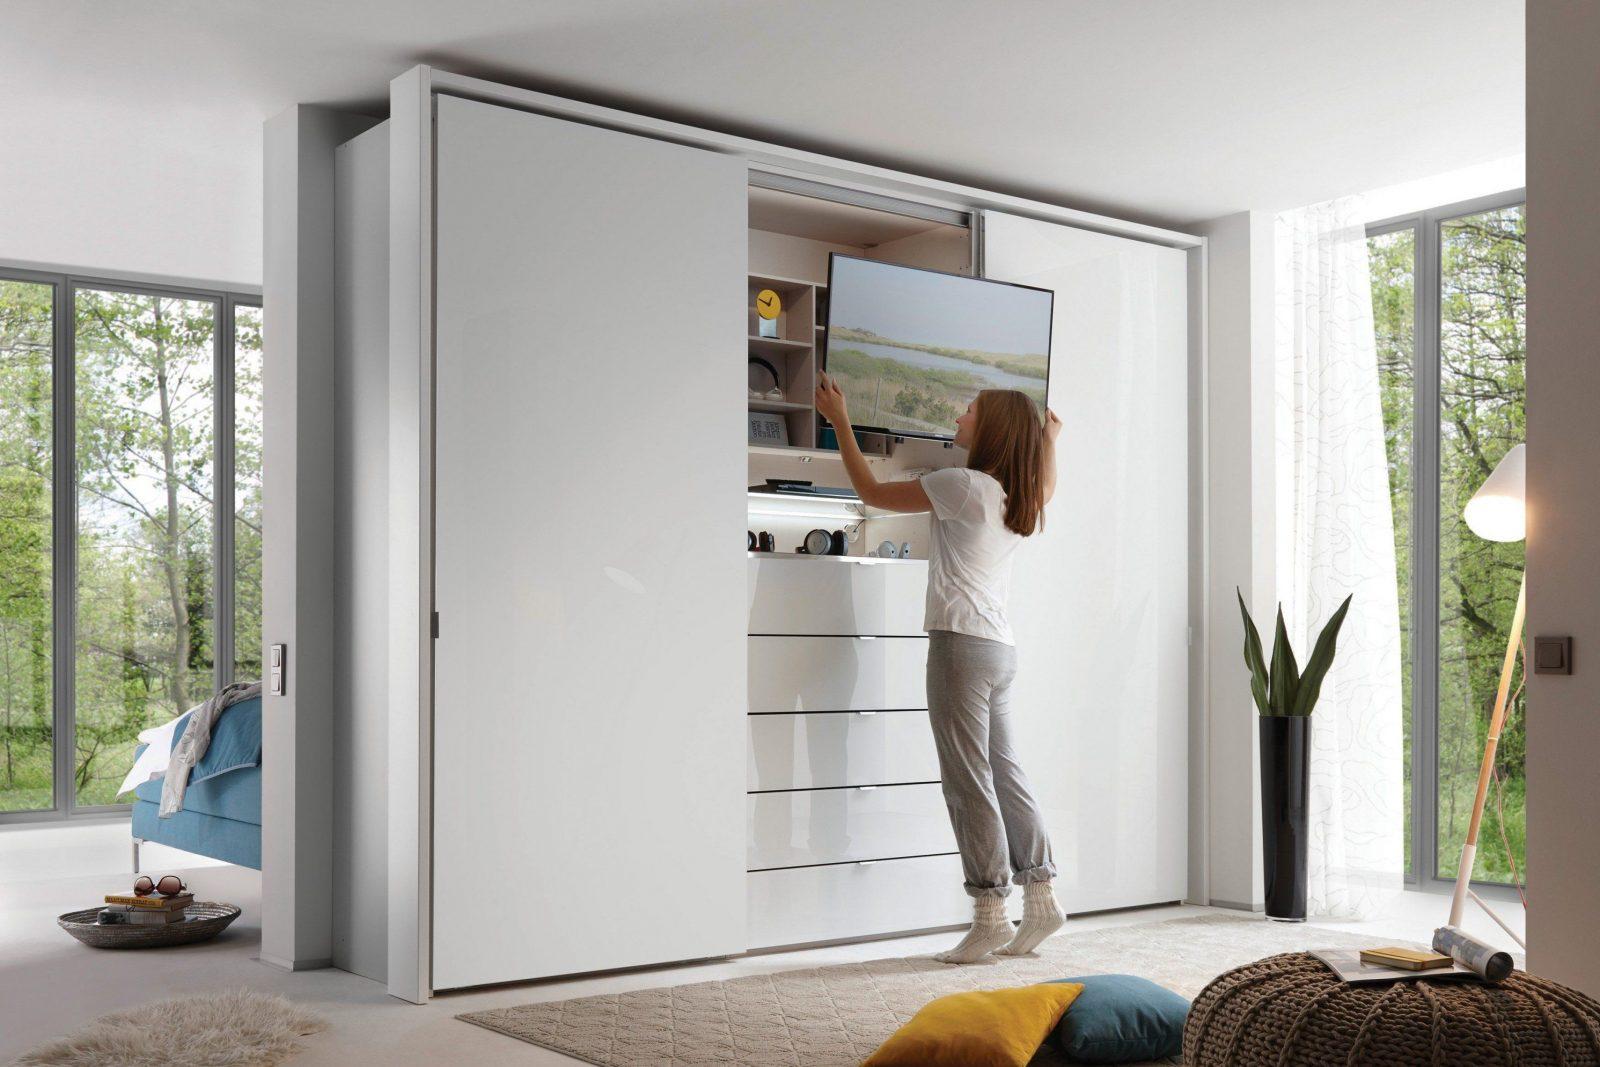 Staud Media Kleiderschrank Alpinweiß  Möbel Letz  Ihr Onlineshop von Kleiderschrank Mit Tv Aussparung Bild